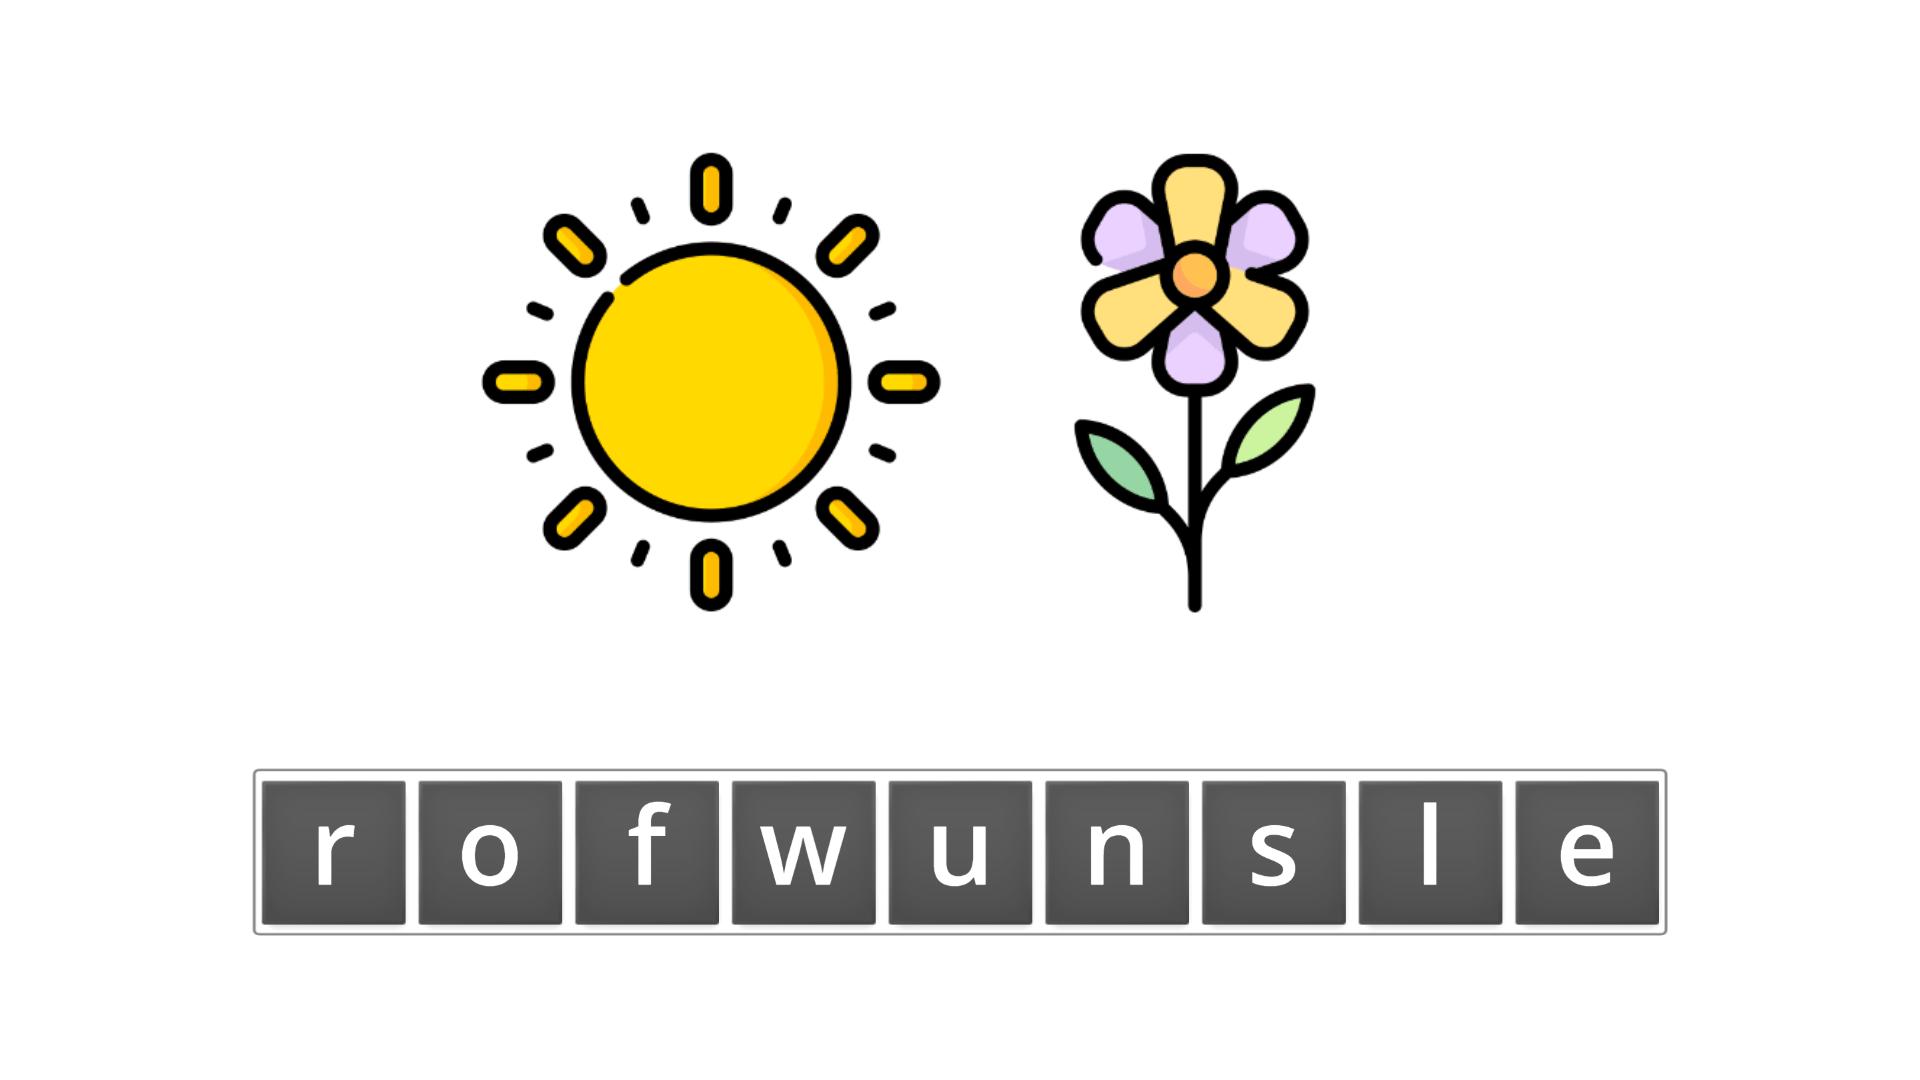 esl resources - flashcards - compound nouns  - unscramble - sunflower